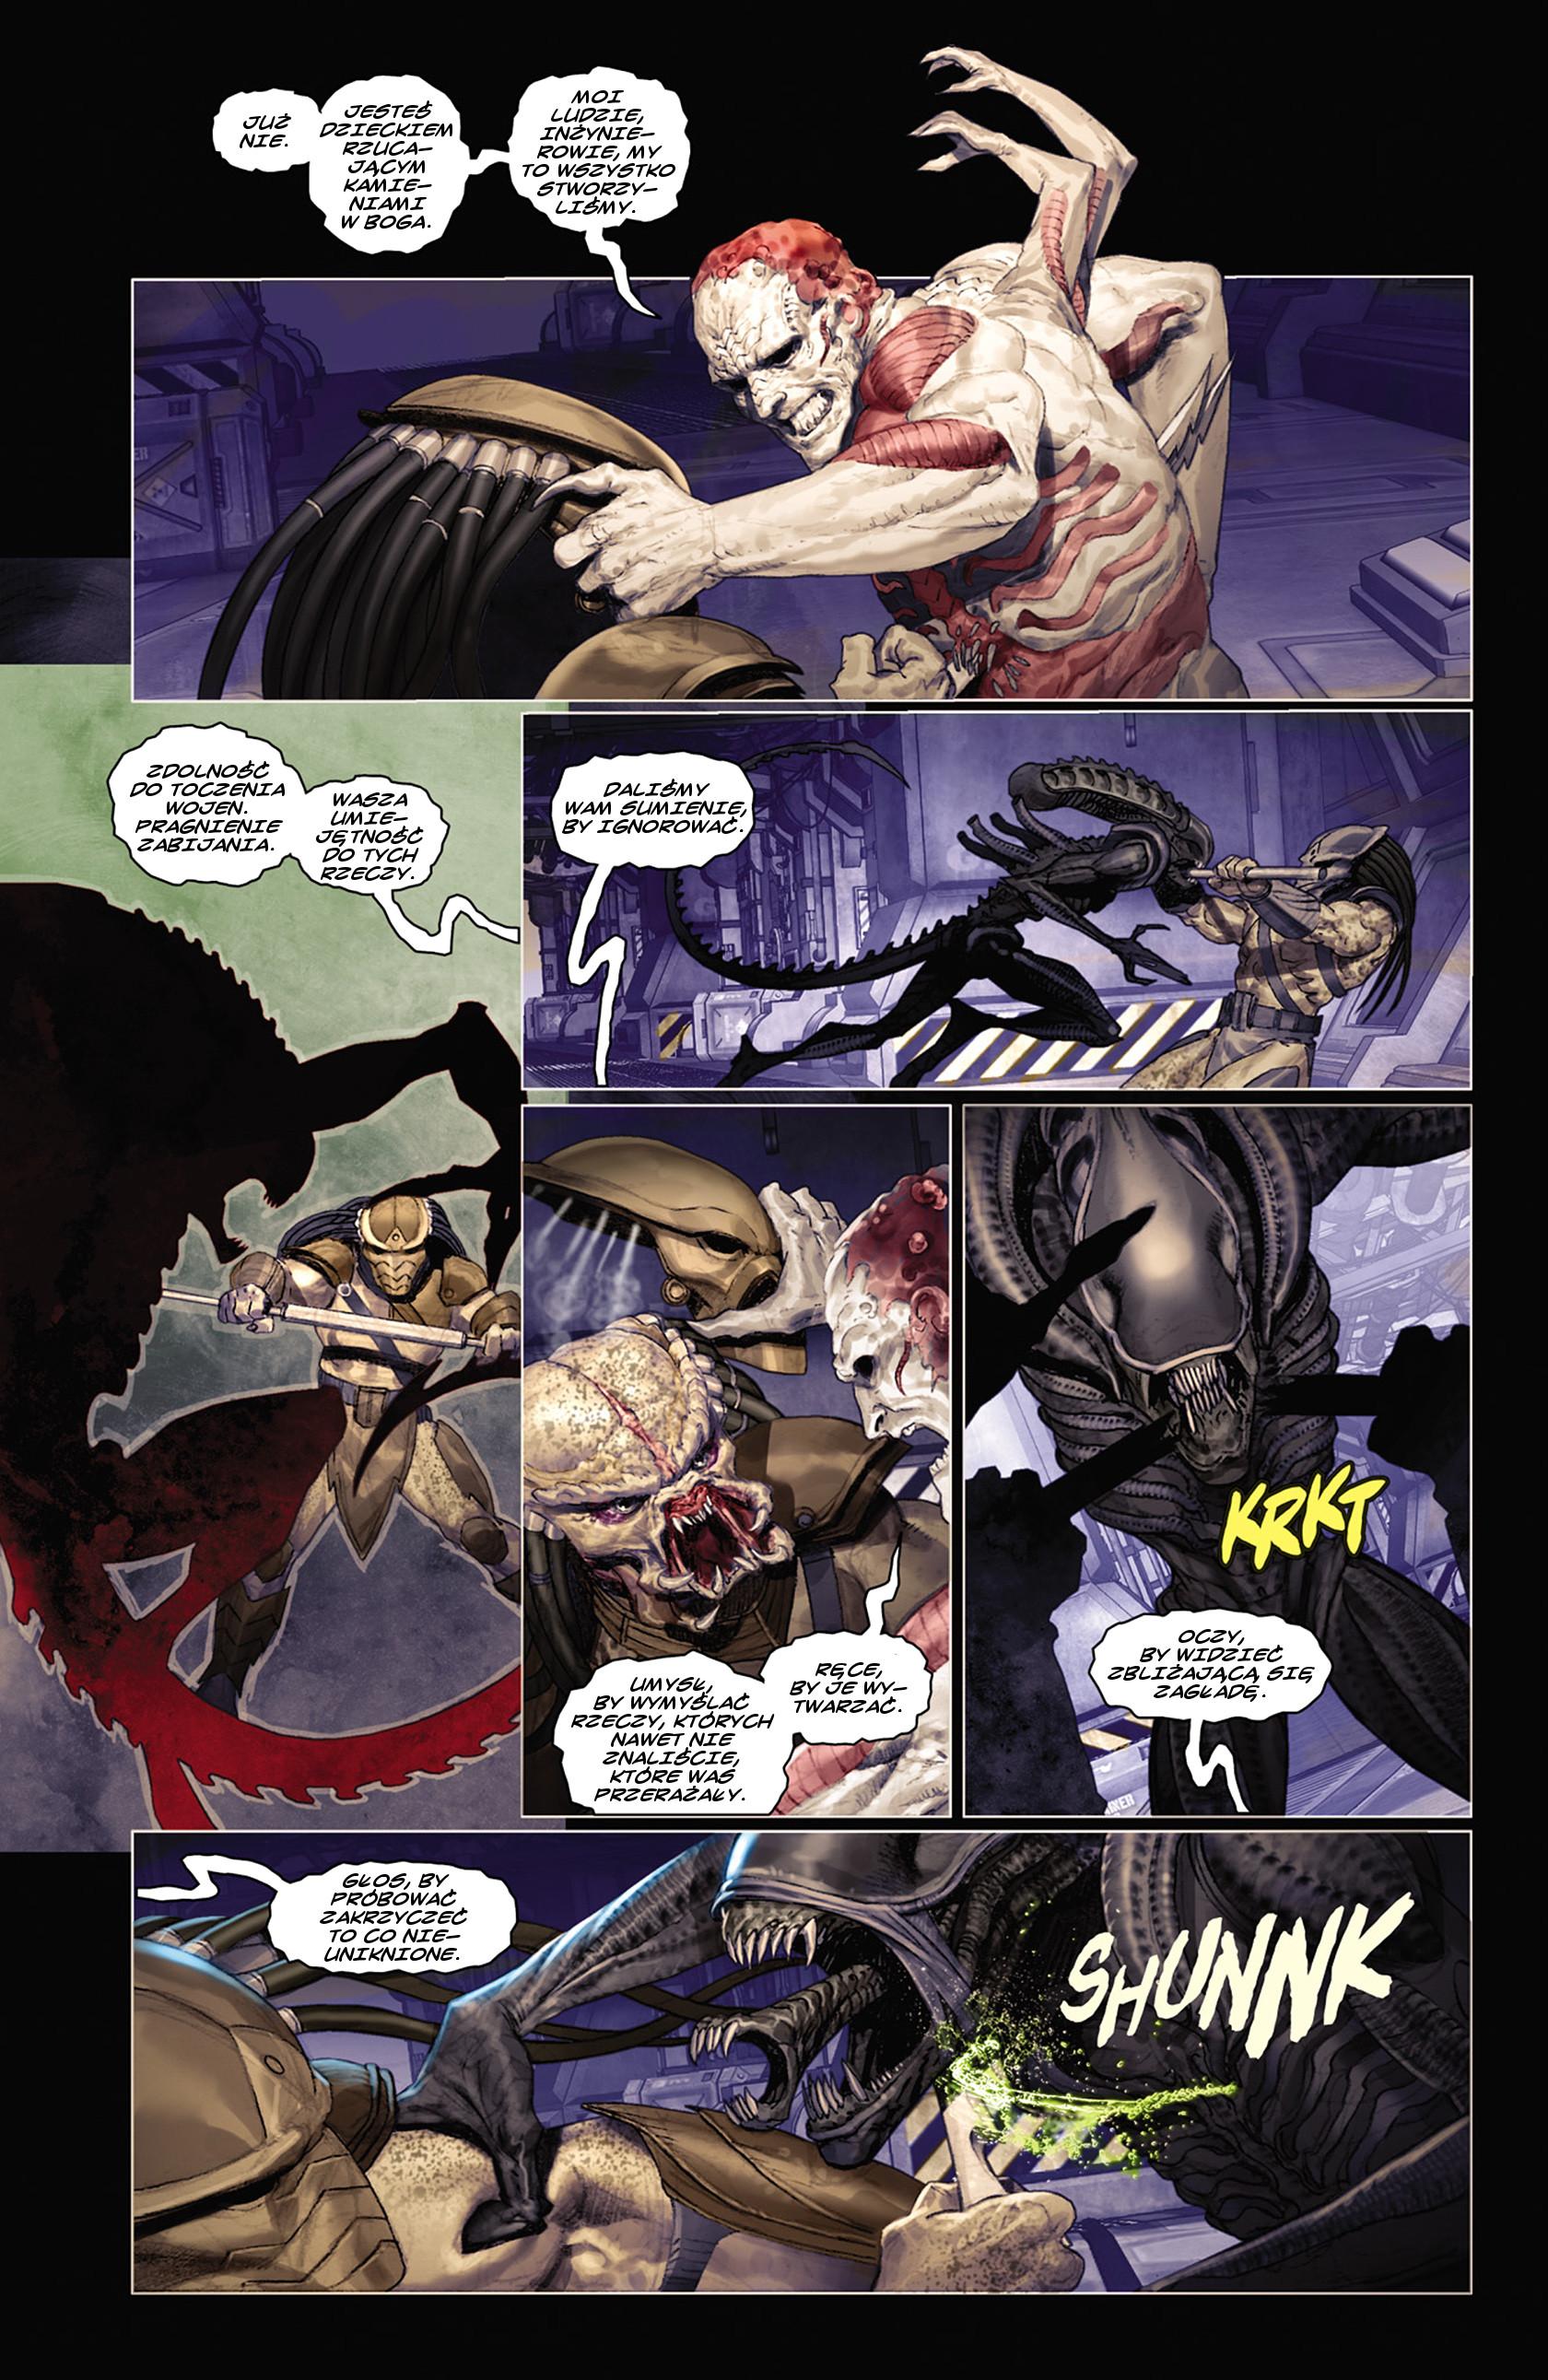 Read online Alien vs. Predator: Fire and Stone comic -  Issue #2 - 8